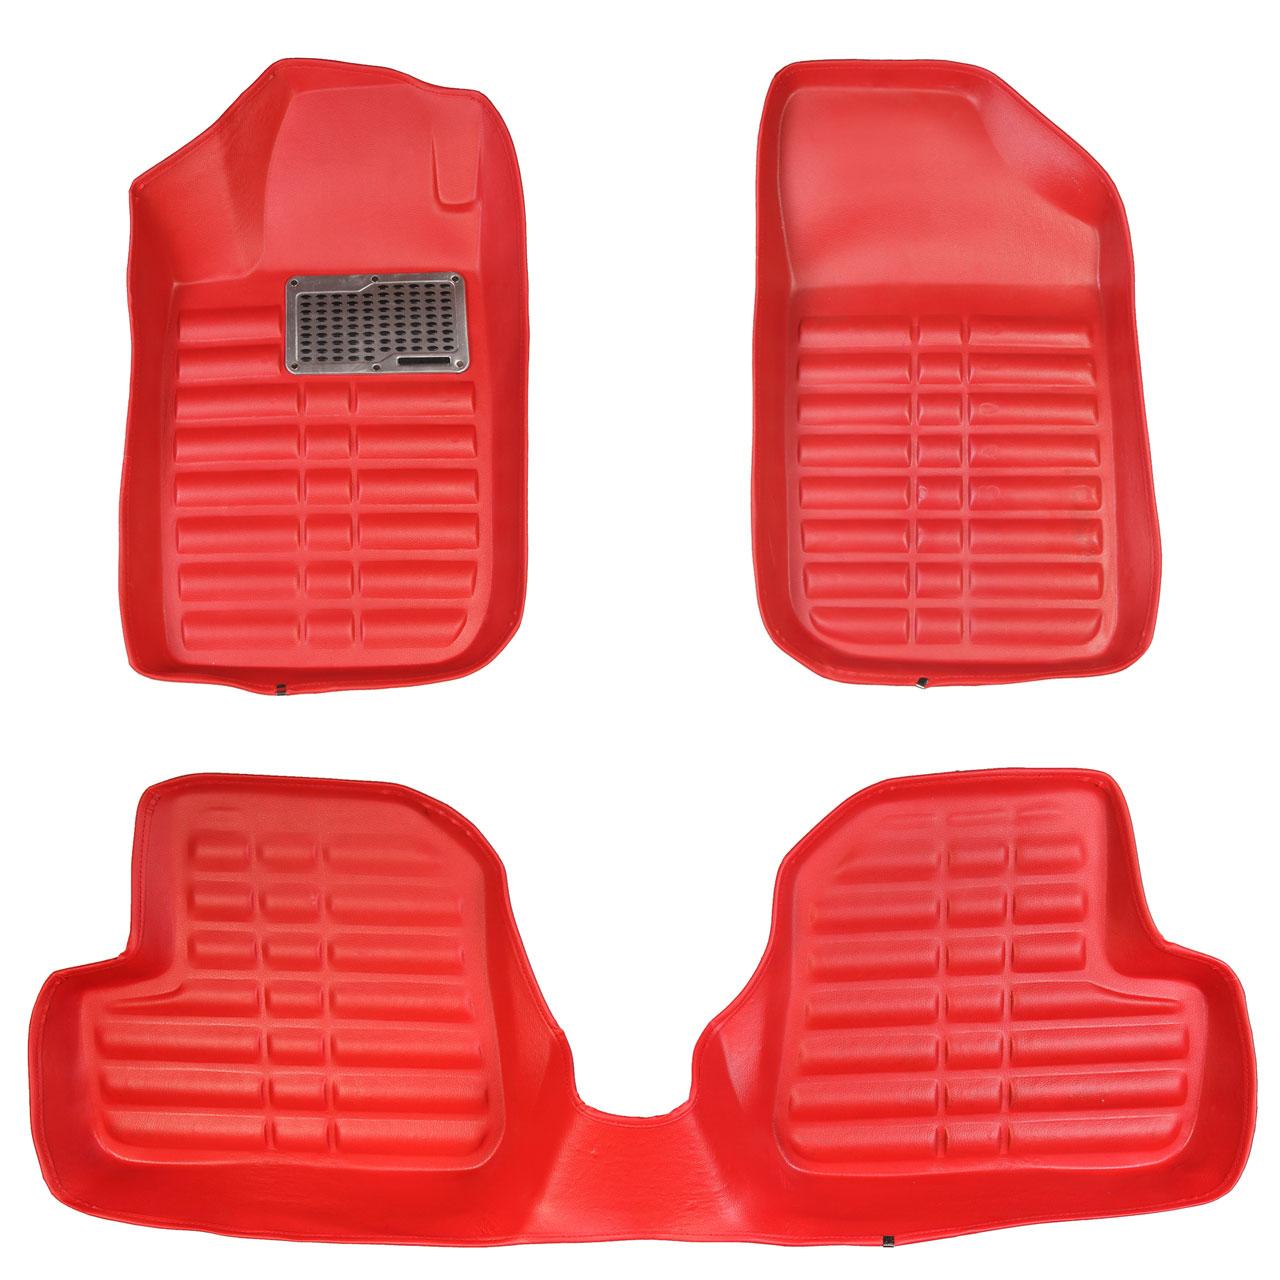 خرید                     کفپوش سه بعدی خودرو مدل پالیز مناسب برای 207-206-رانا